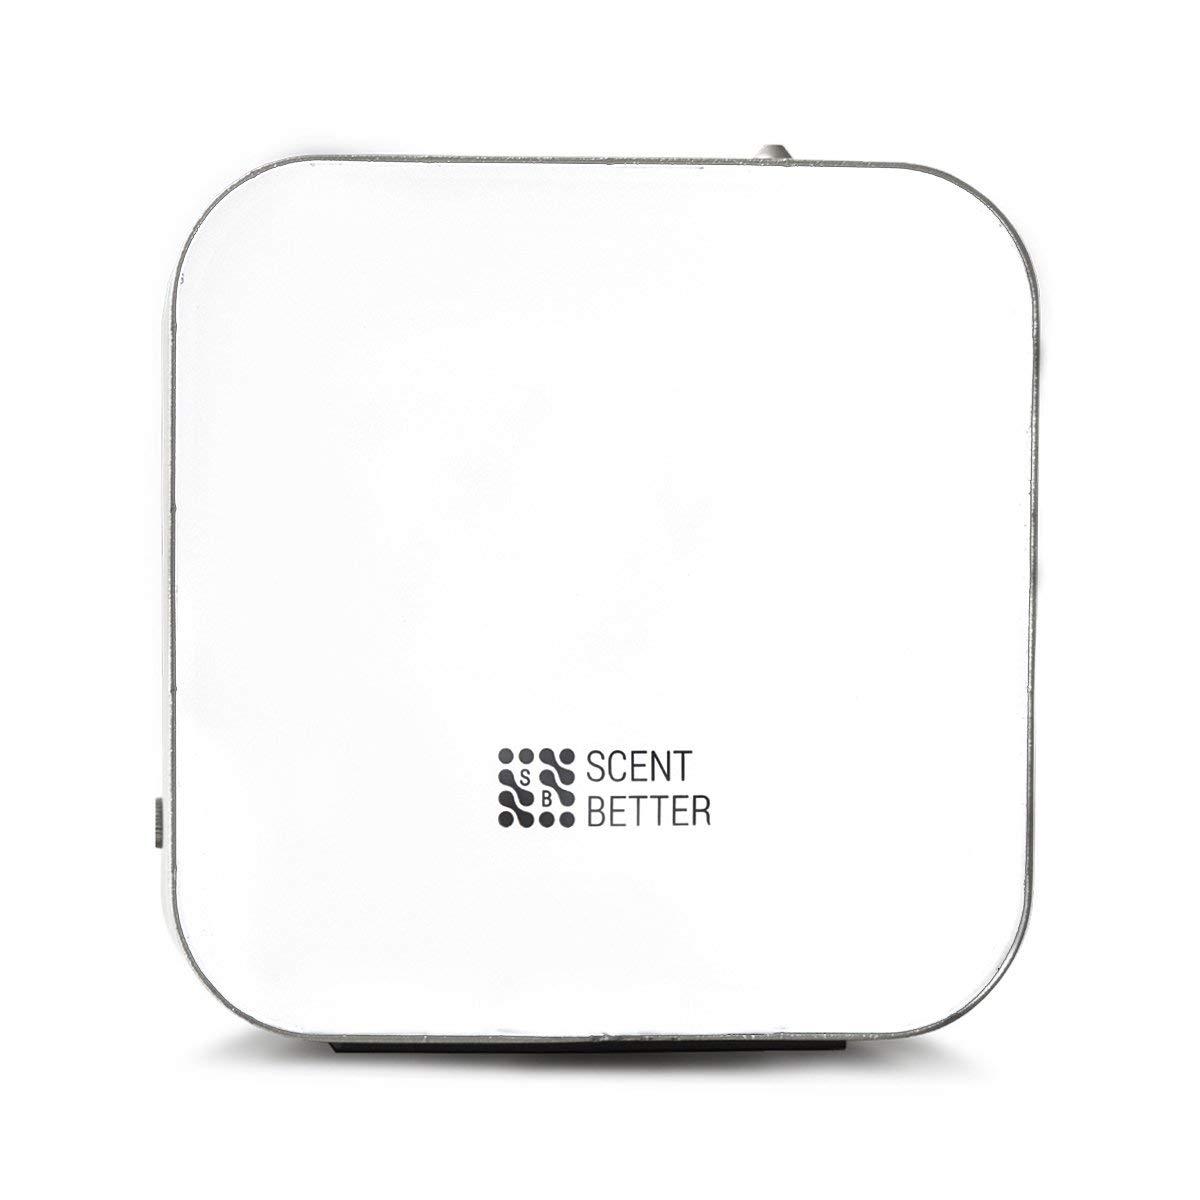 SB-1500 BT Scent Diffuser - White.